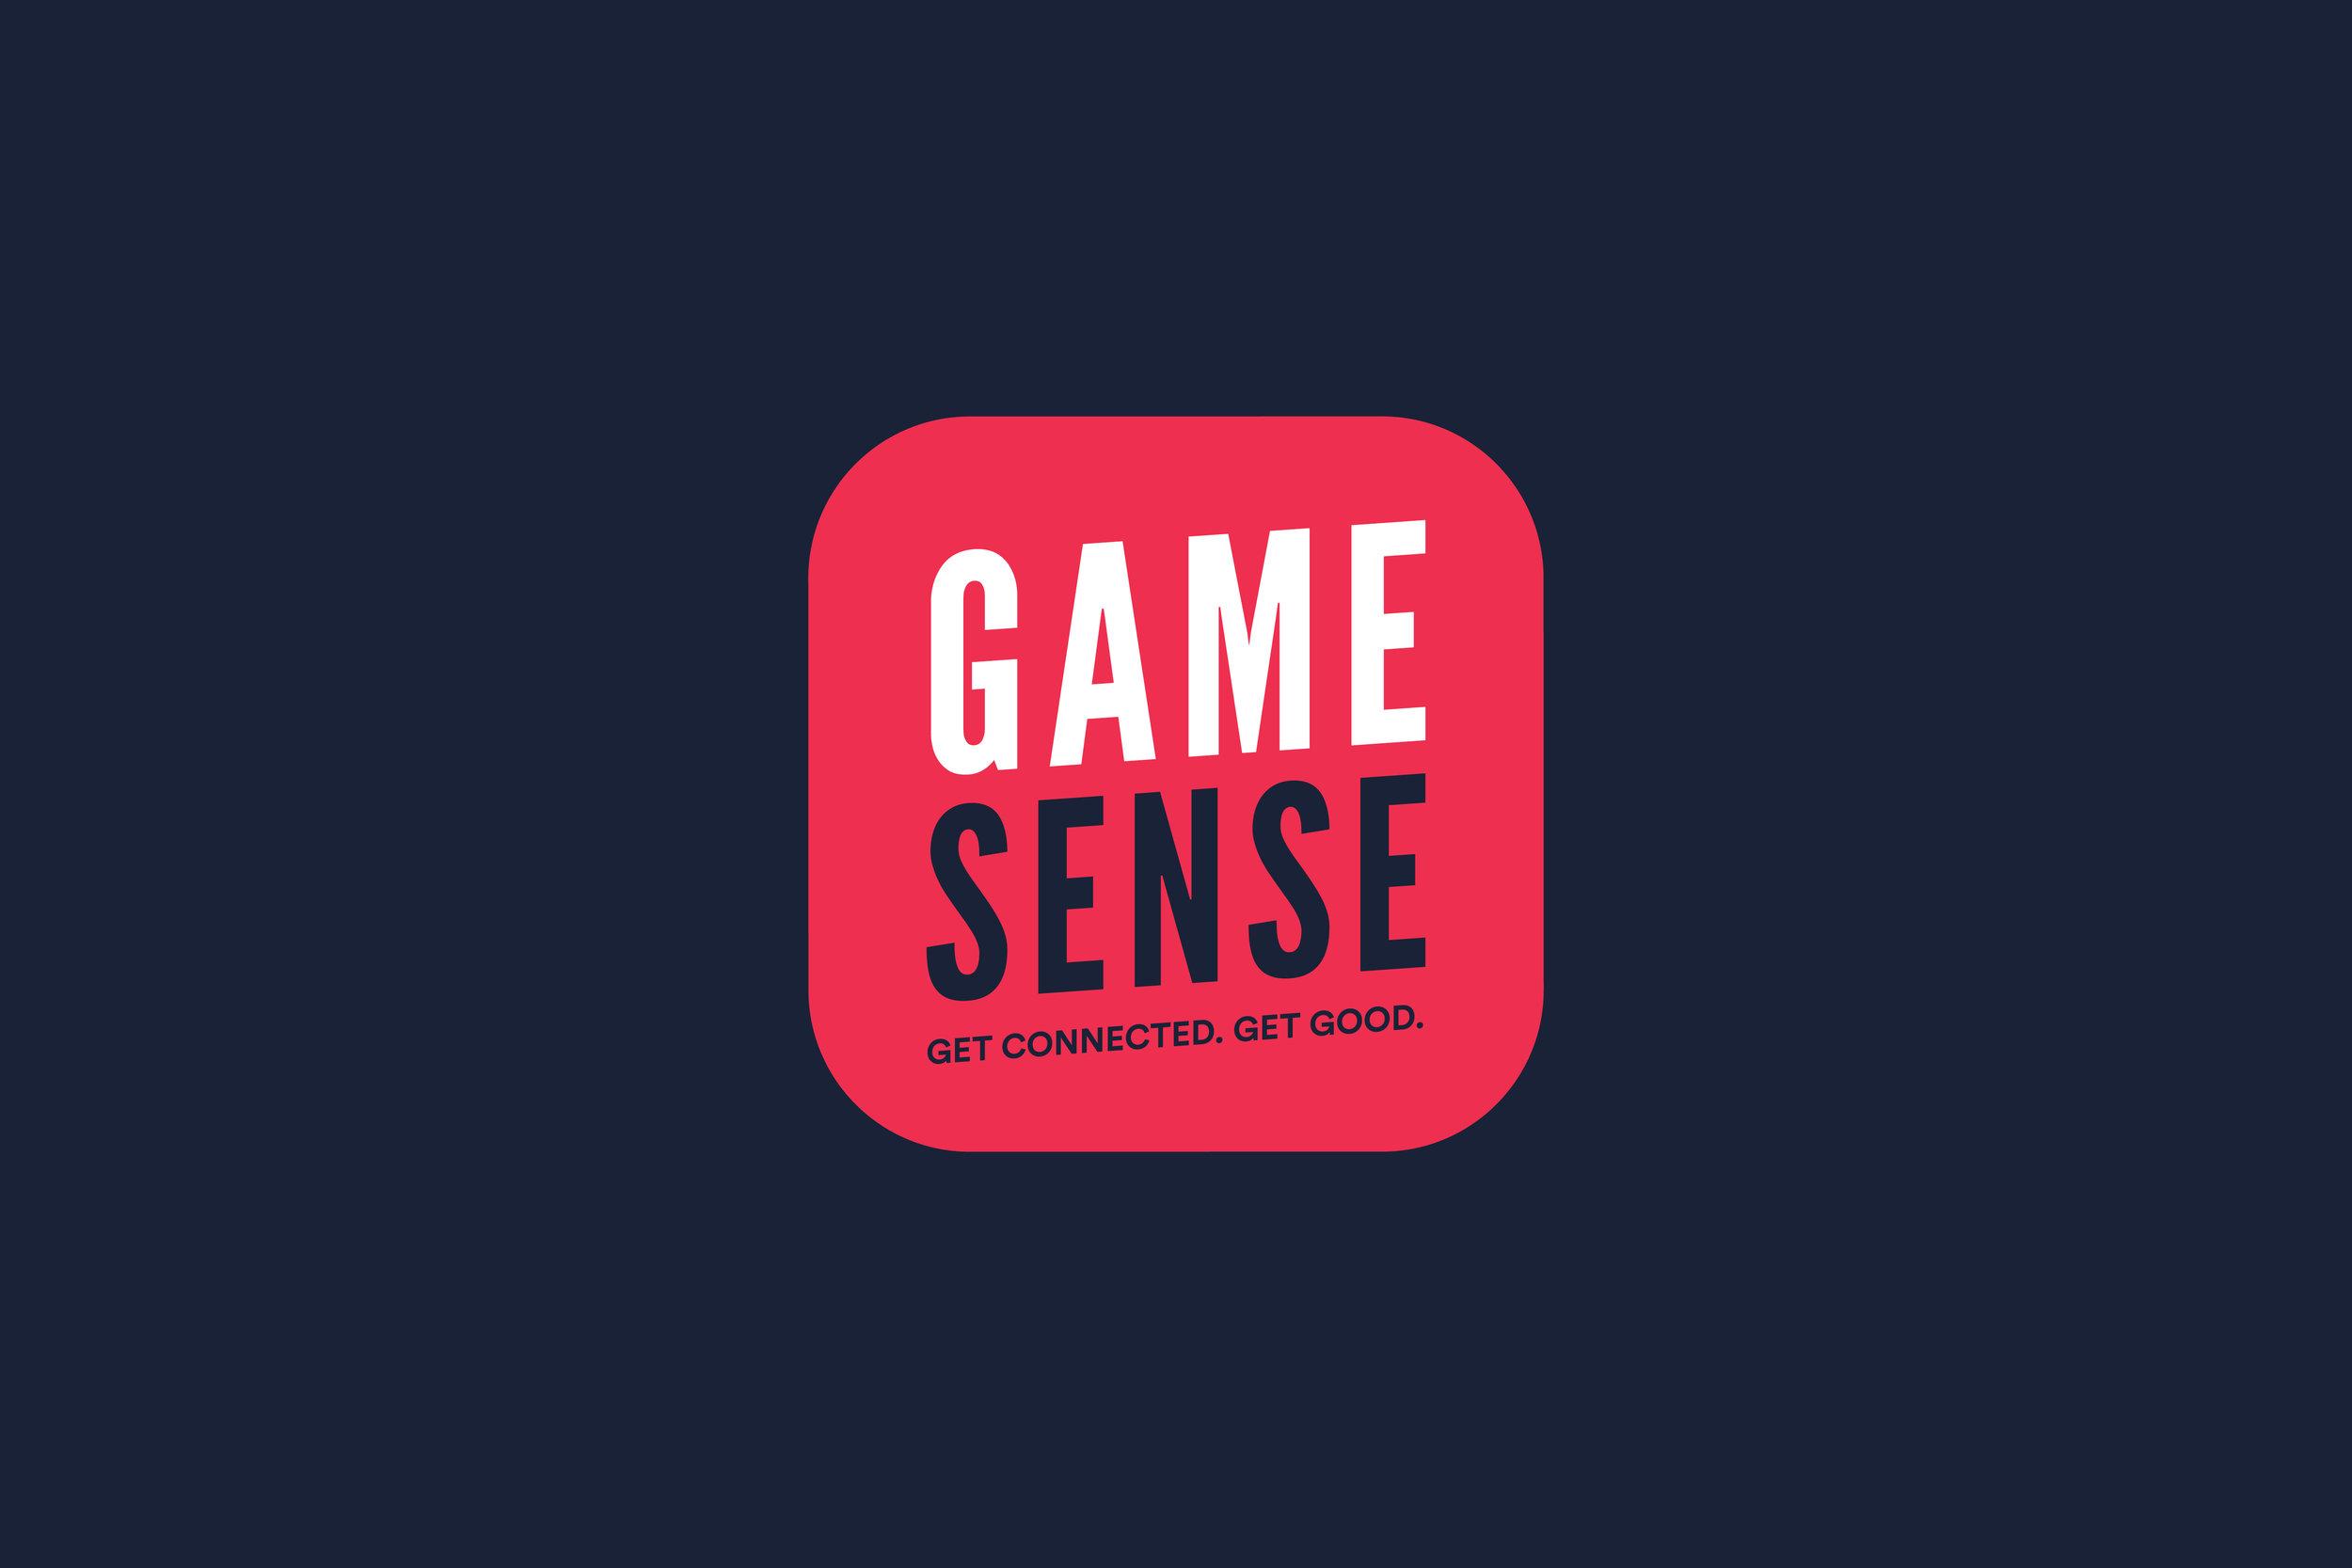 Schoolcraft_GameSense_1.jpg